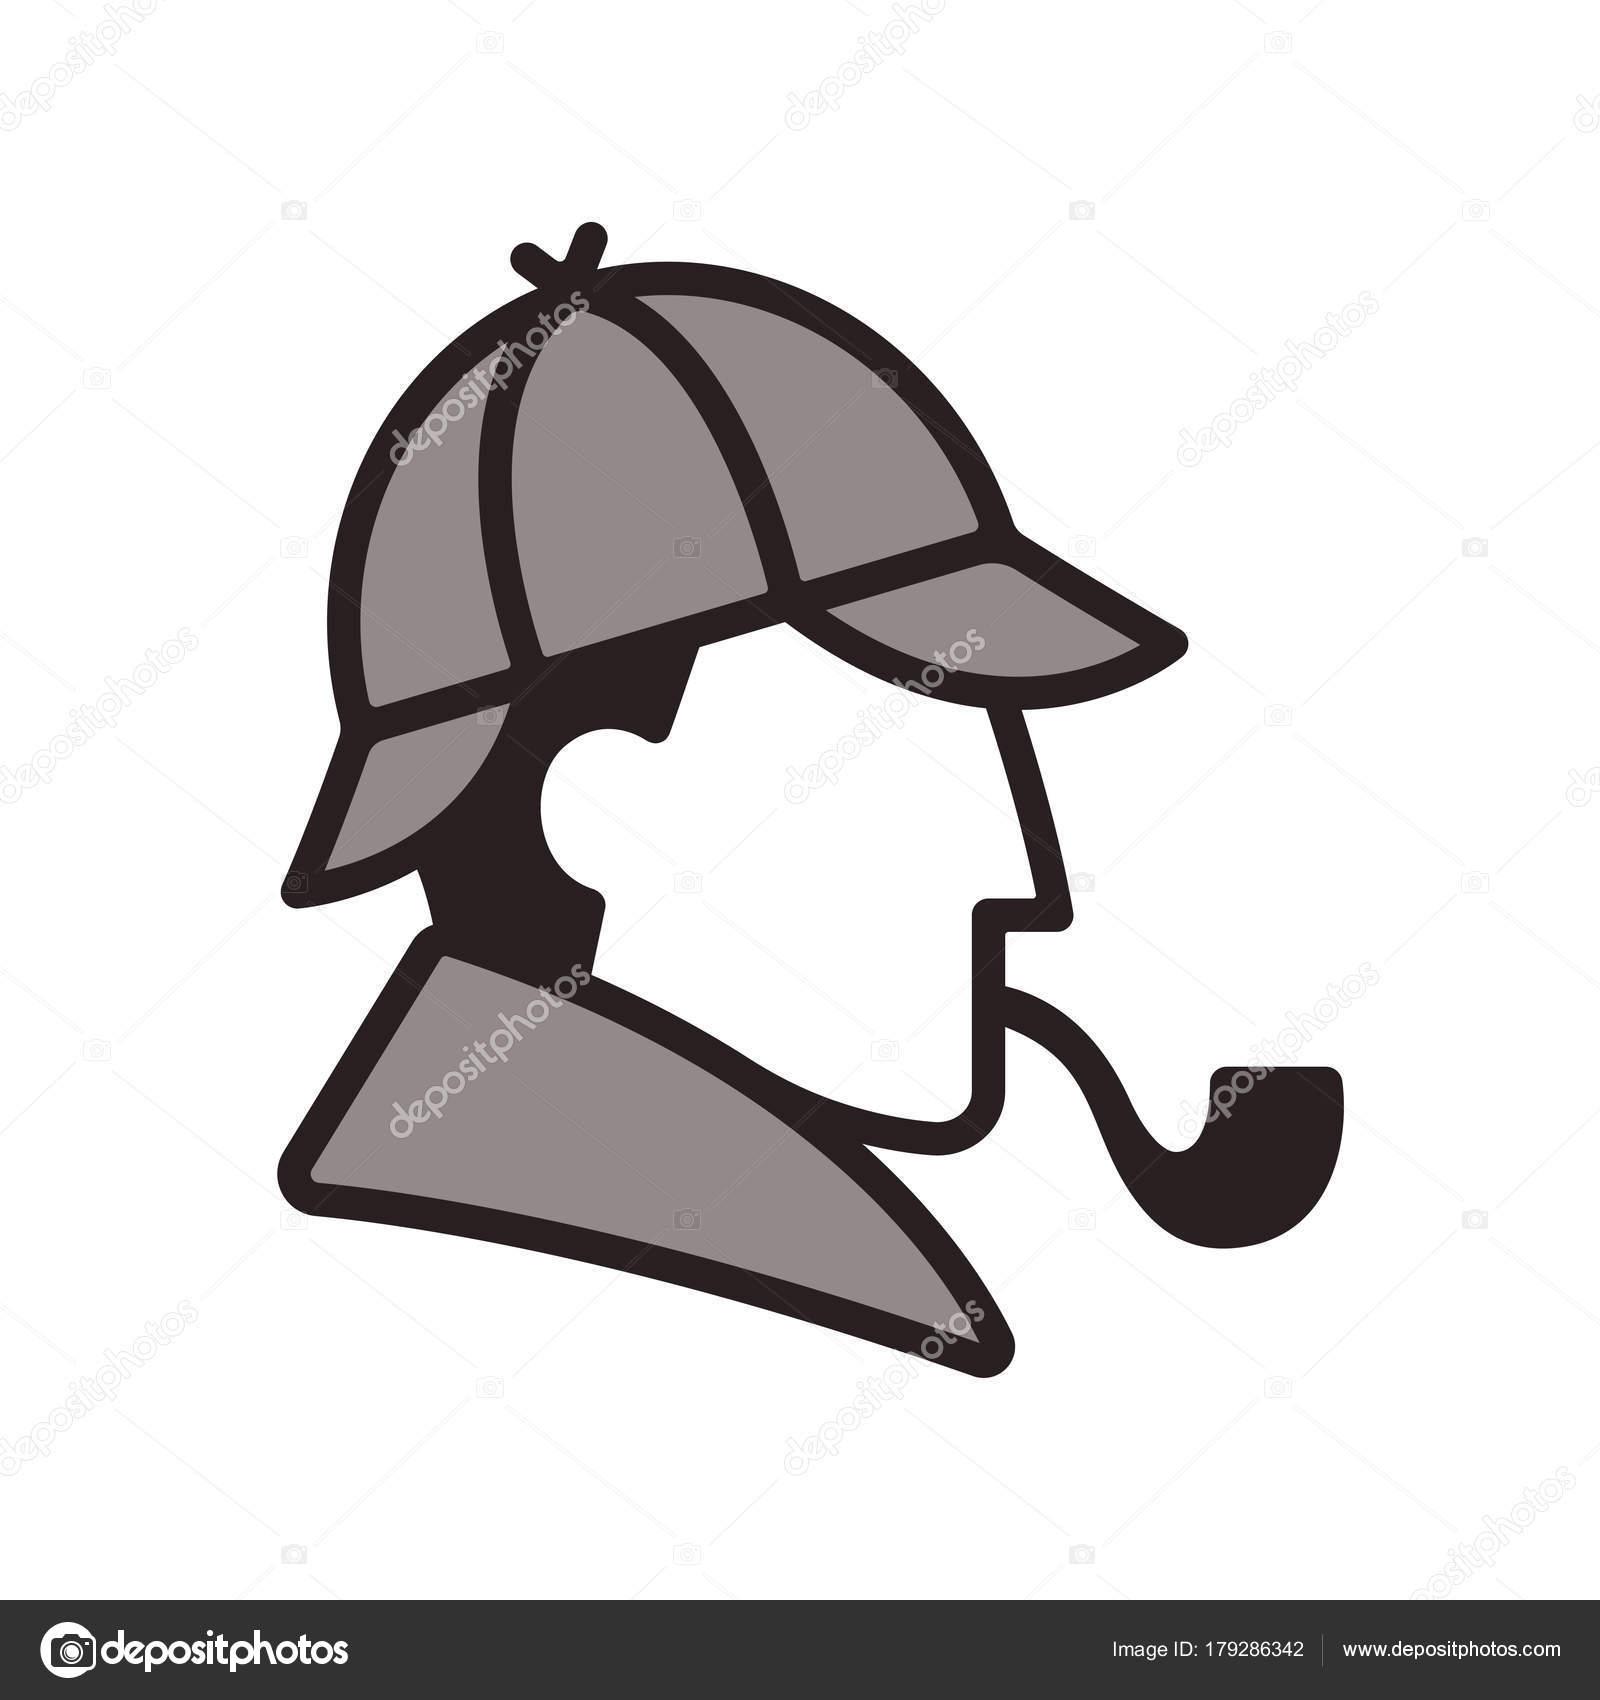 aedd054ea Sherlock Holmes profile logo — Stock Vector © Sudowoodo #179286342